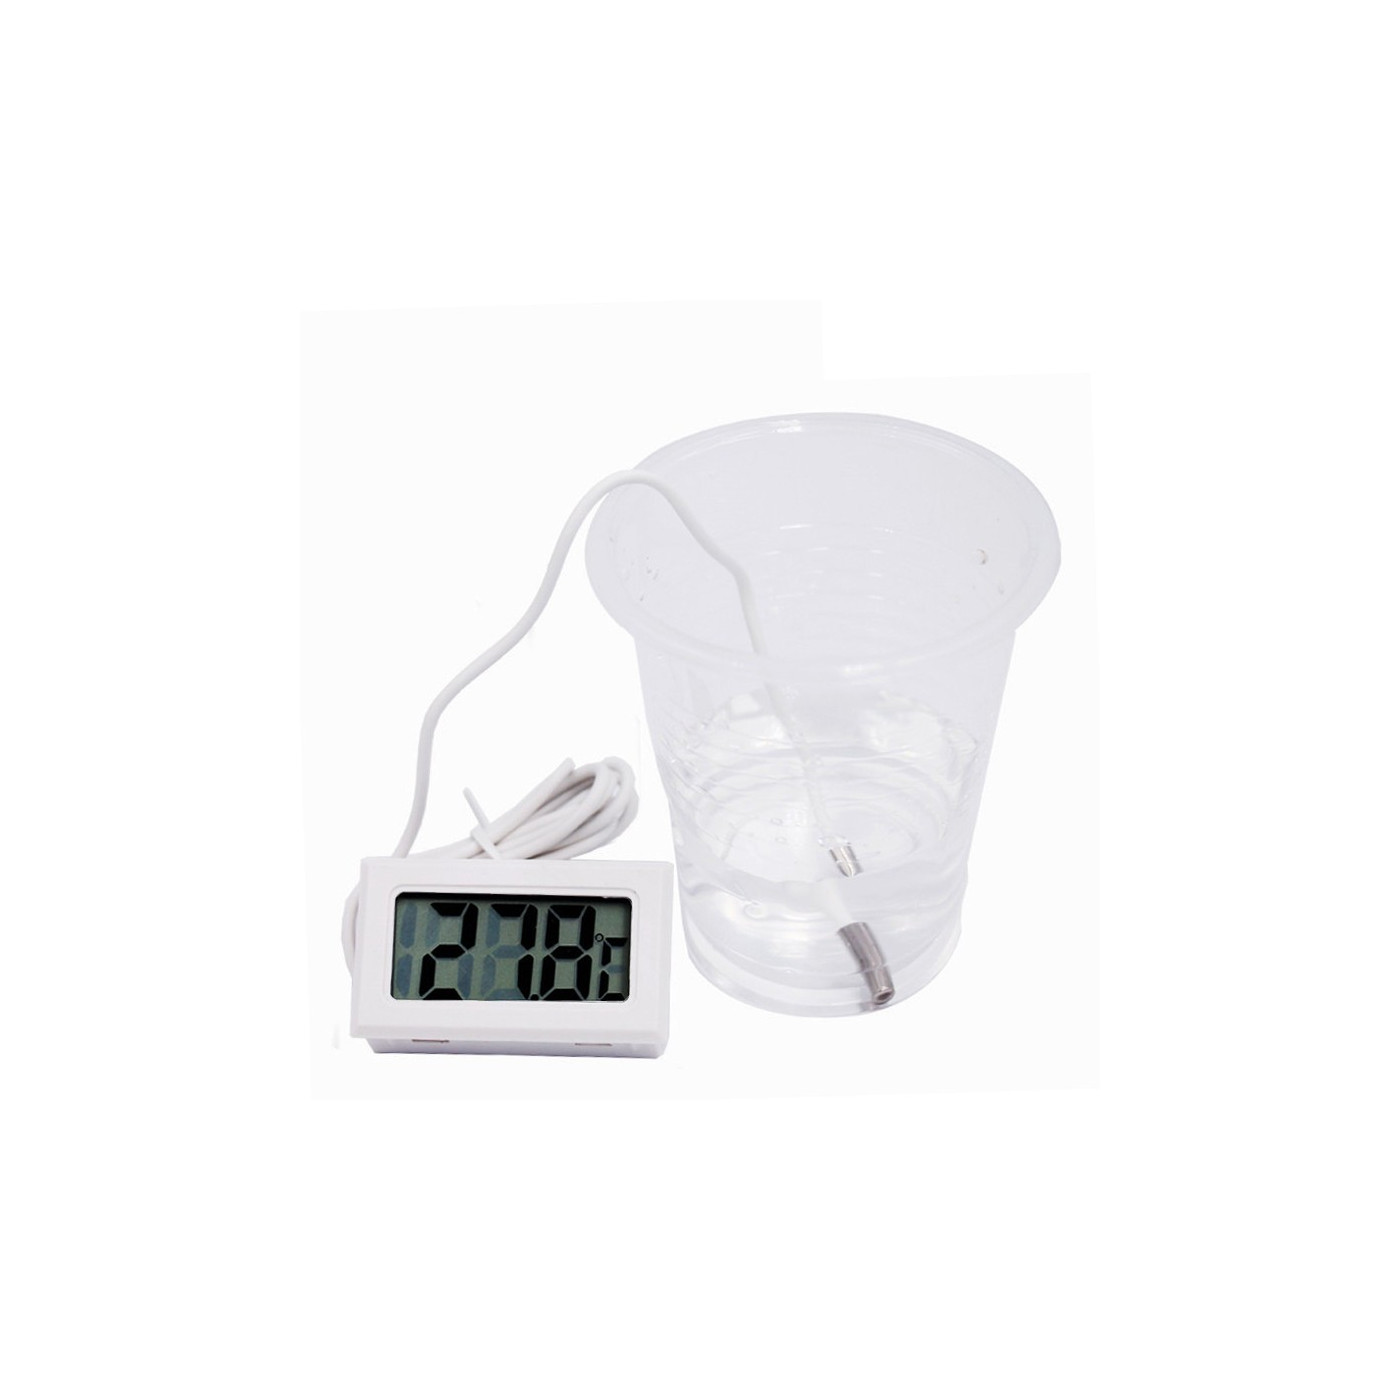 Termometro LCD bianco con sonda (per acquario, ecc.)